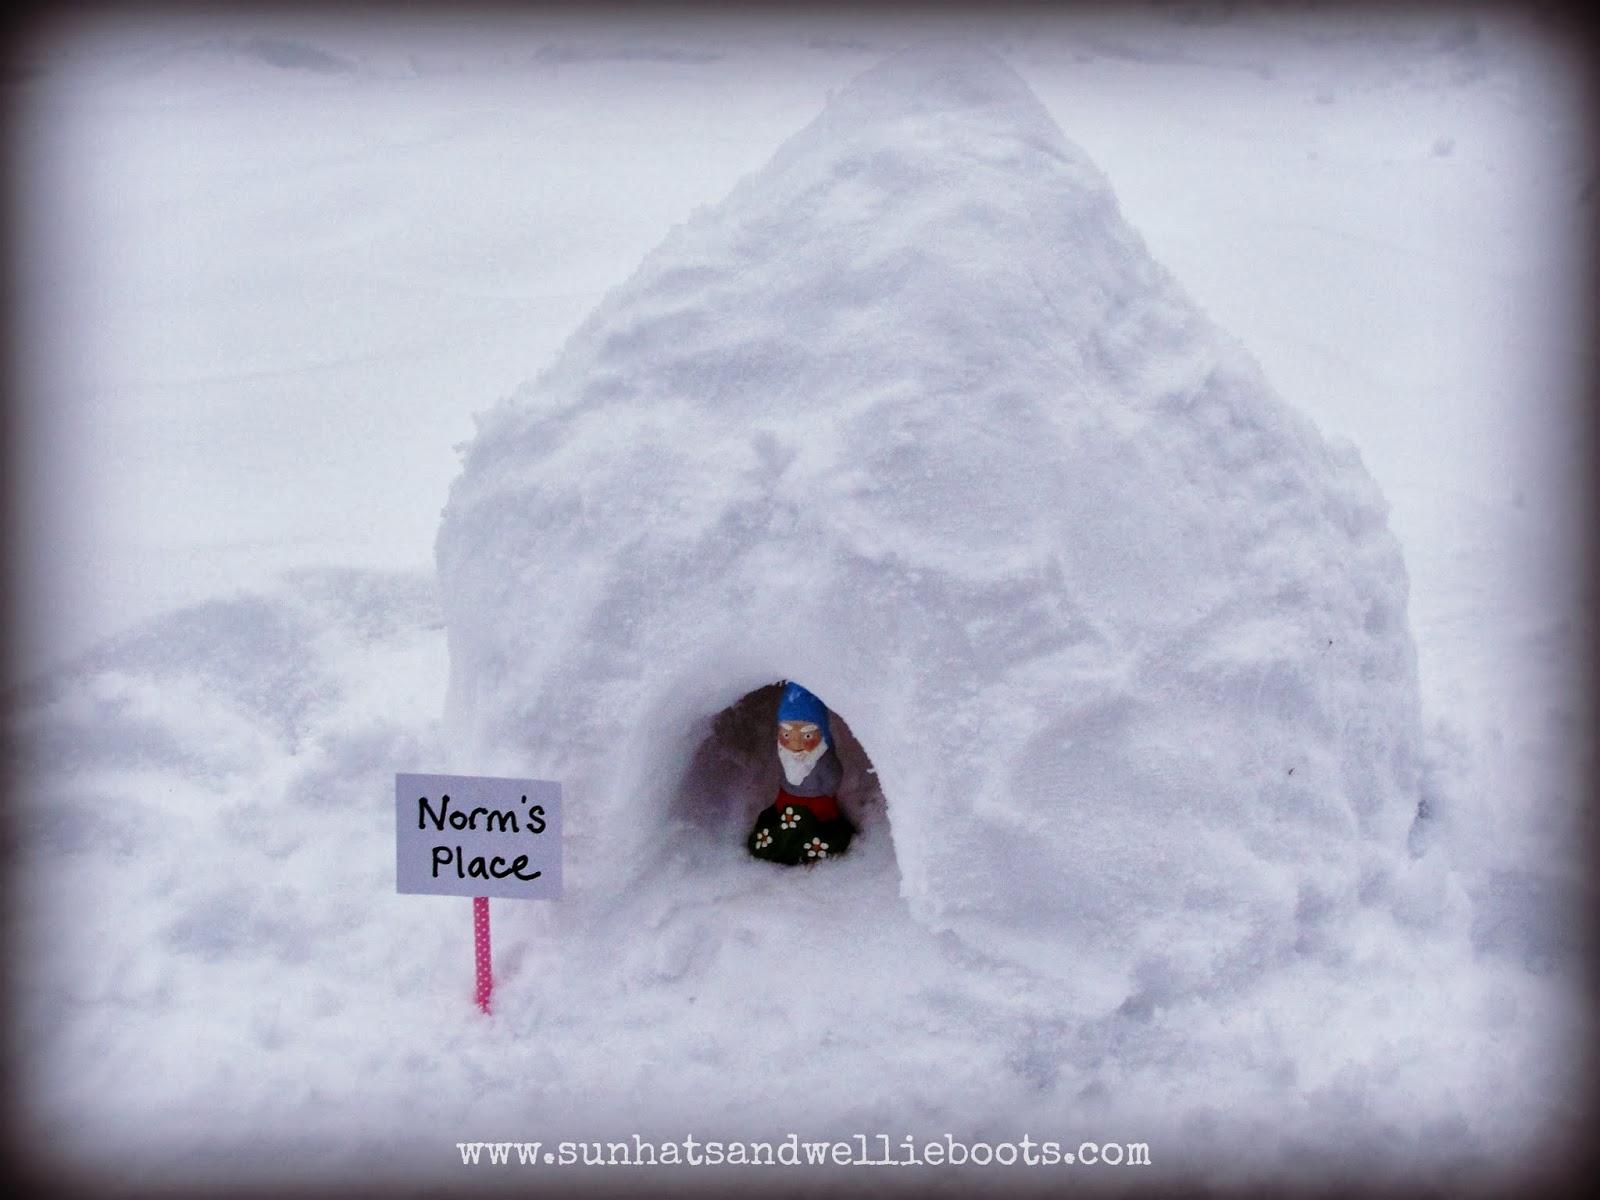 Connu 50 activités enfant pour l'hiver : s'amuser et créer en famille ⋆ FZ38